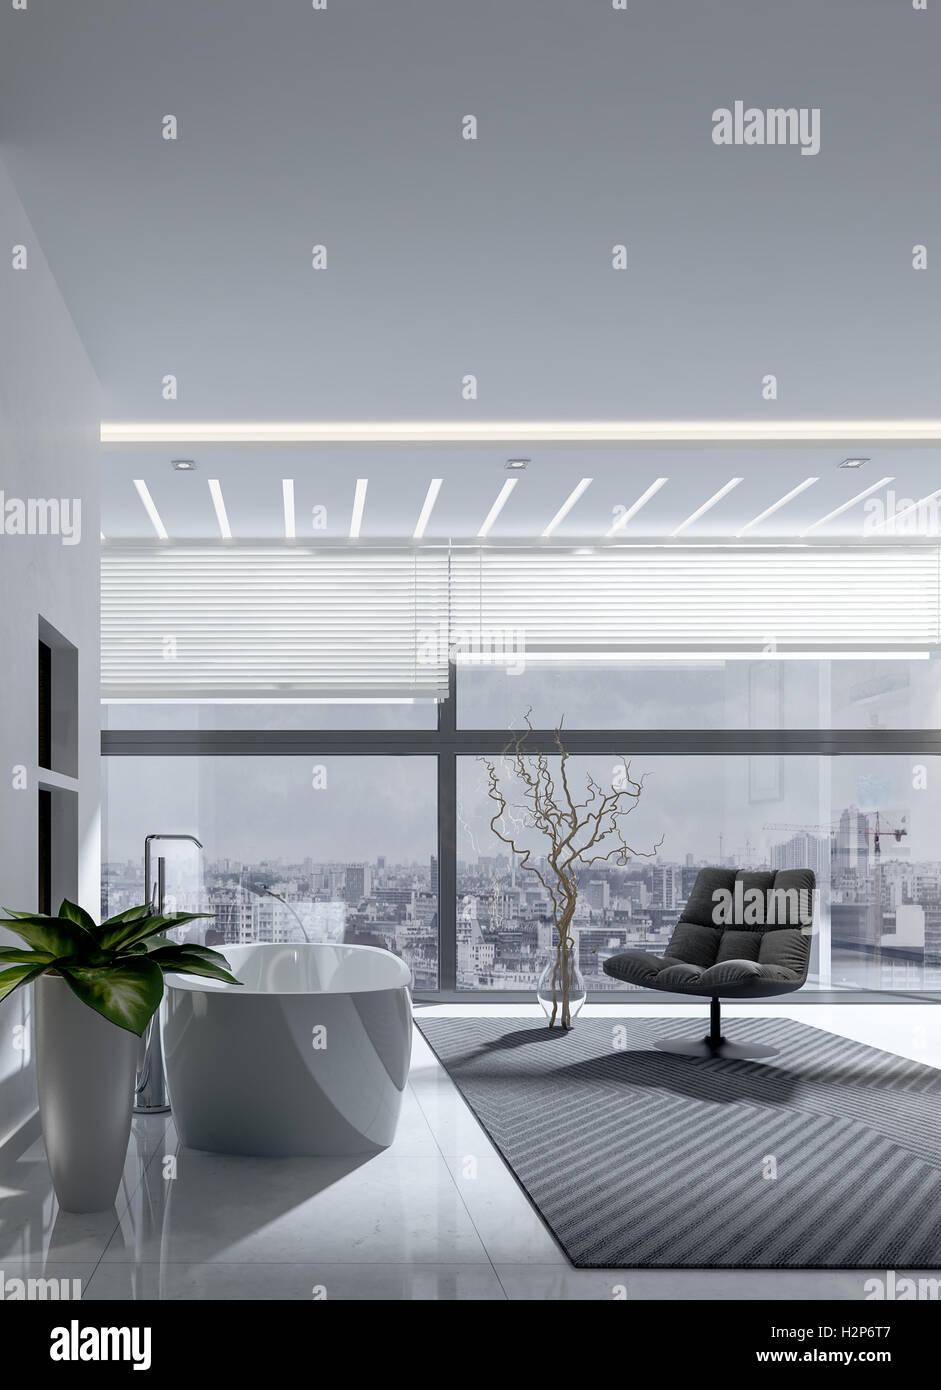 Stilvolle moderne monochrome grau Badezimmer Interieur mit ...